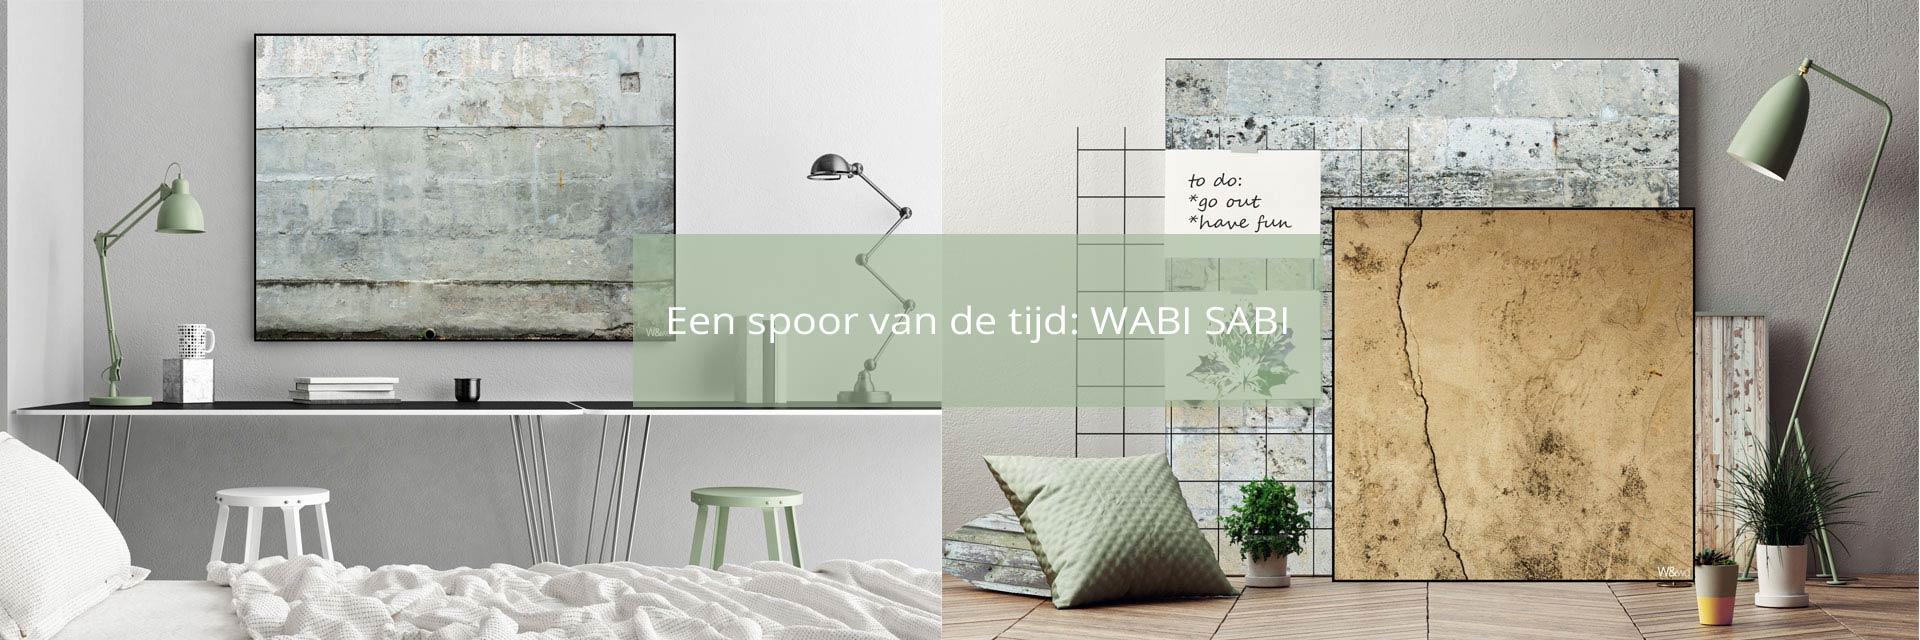 WANDenWOONdeco.nl sfeer WABI SABI